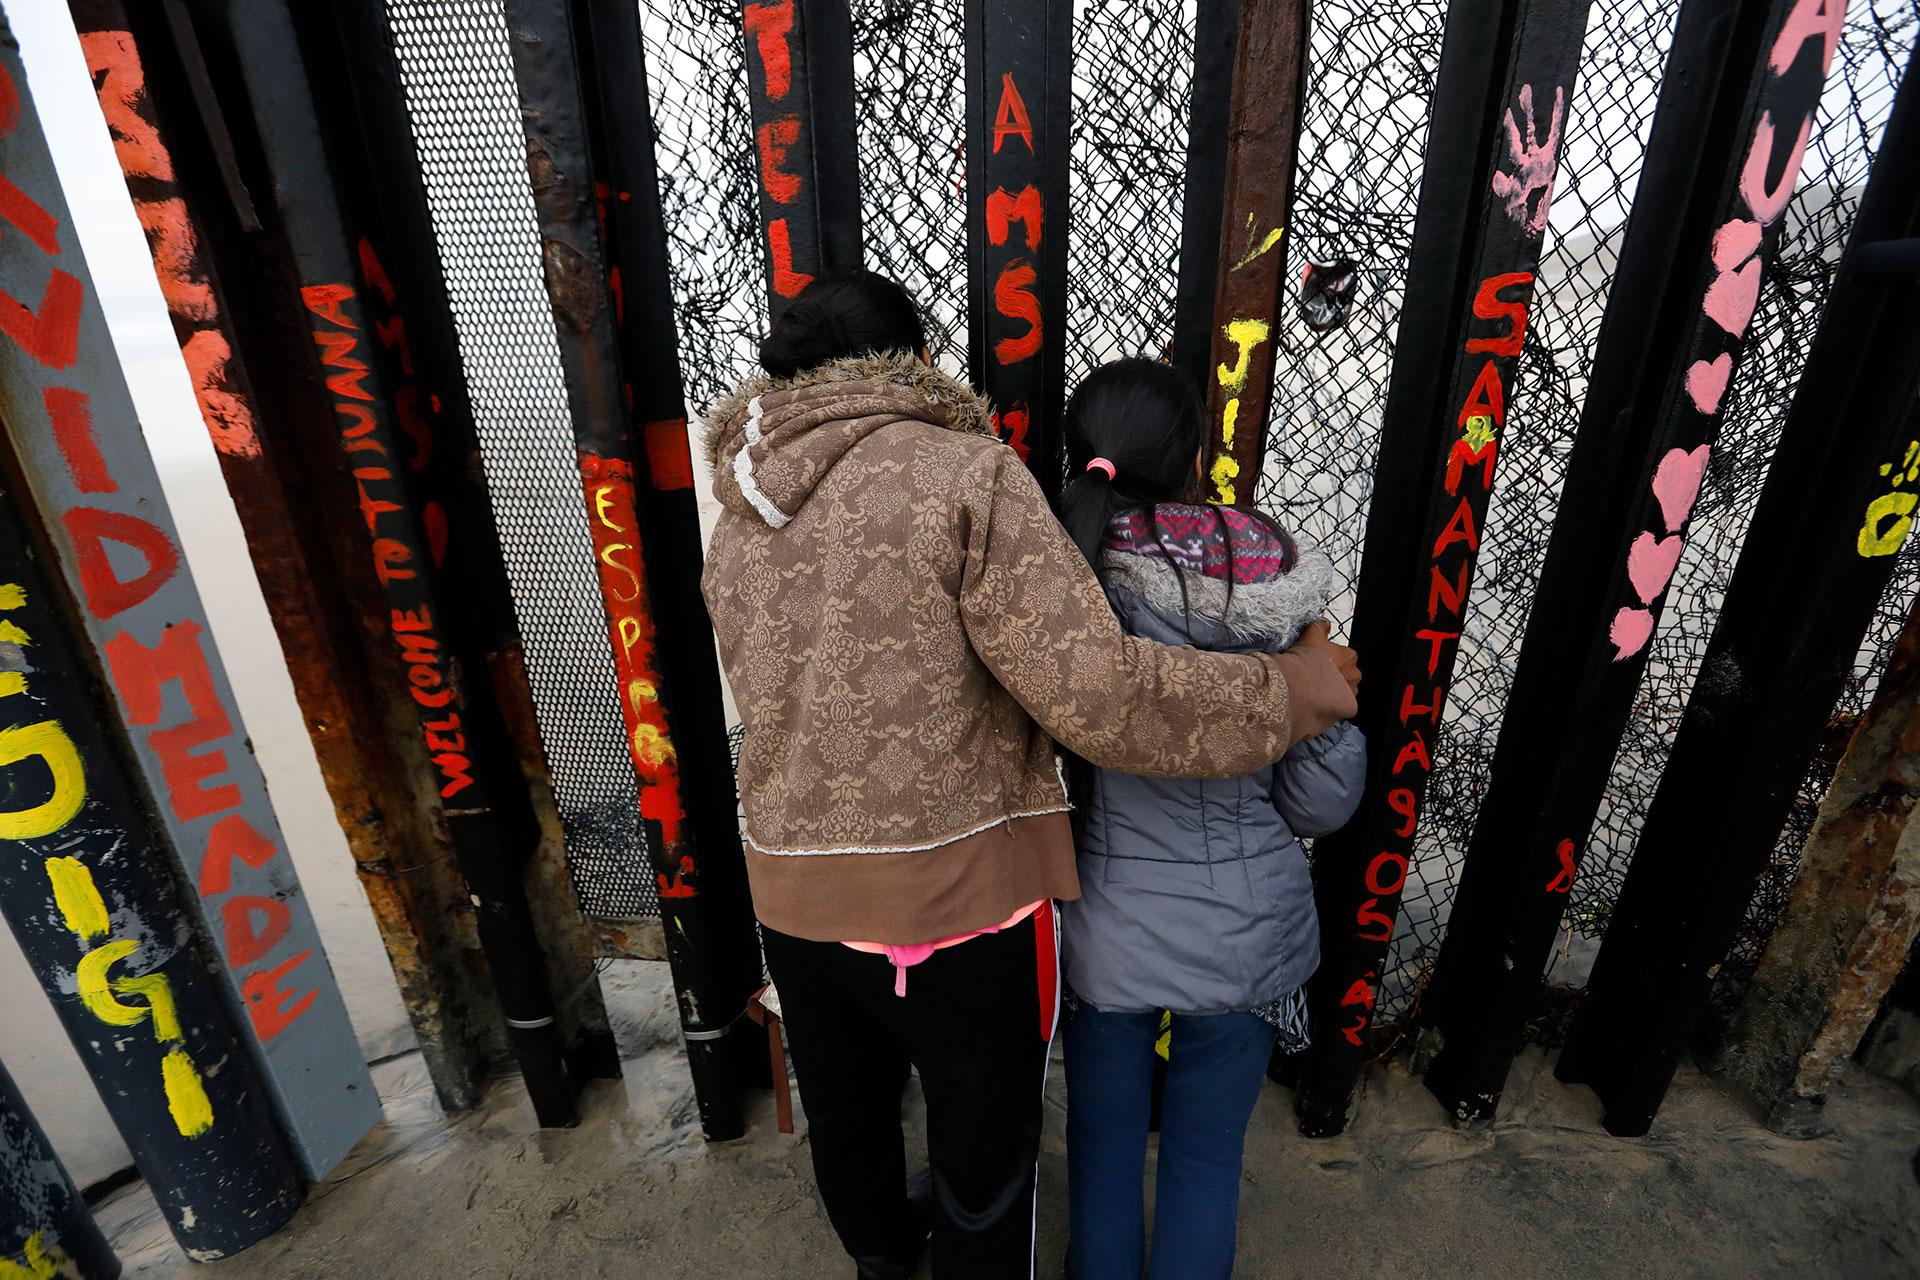 """La semana pasada, la Oficina de Aduanas y Protección Fronteriza dijo que el sector de San Diego había experimentado """"un aumento ligero"""" en el número de familias que ingresaban ilegalmente a los Estados Unidos con el objetivo de pedir asilo"""